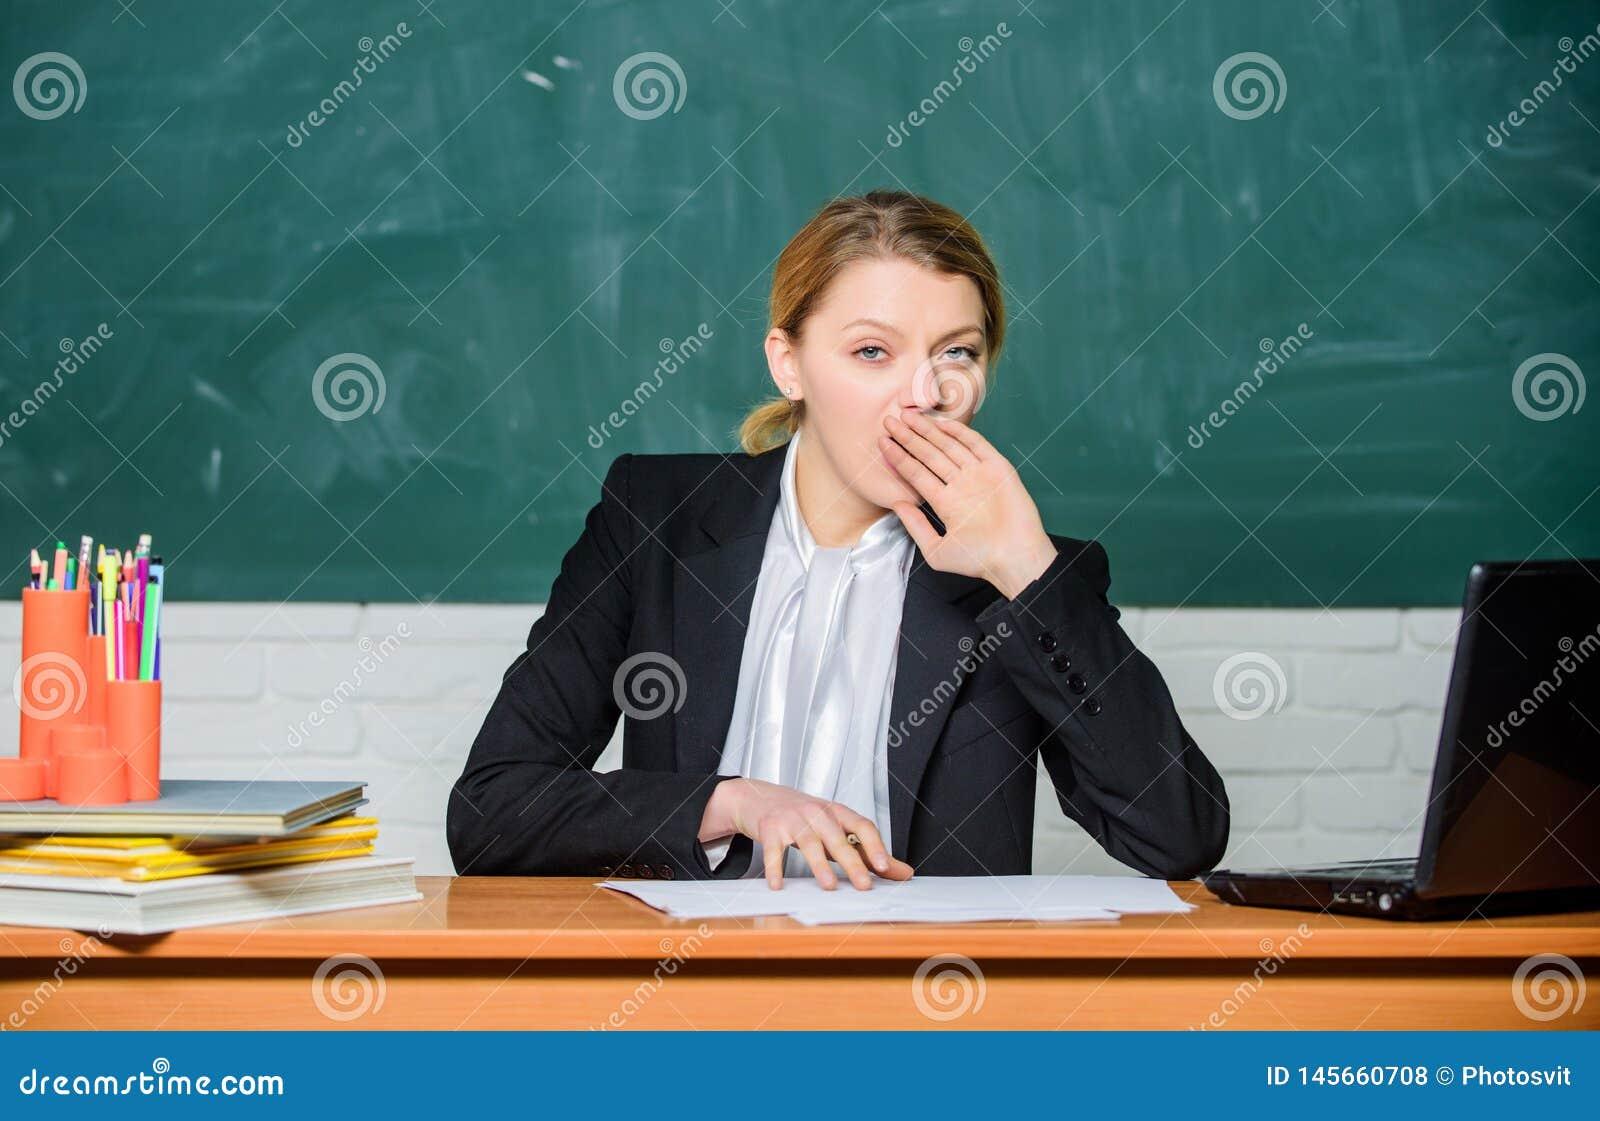 Na wysokim szczeblu zm?czenie Potrzeba dla sen Znojna praca w szk?? przyczyn zm?czeniu Nauczyciel kobiety ?pi?ca twarz m?cz?ca si